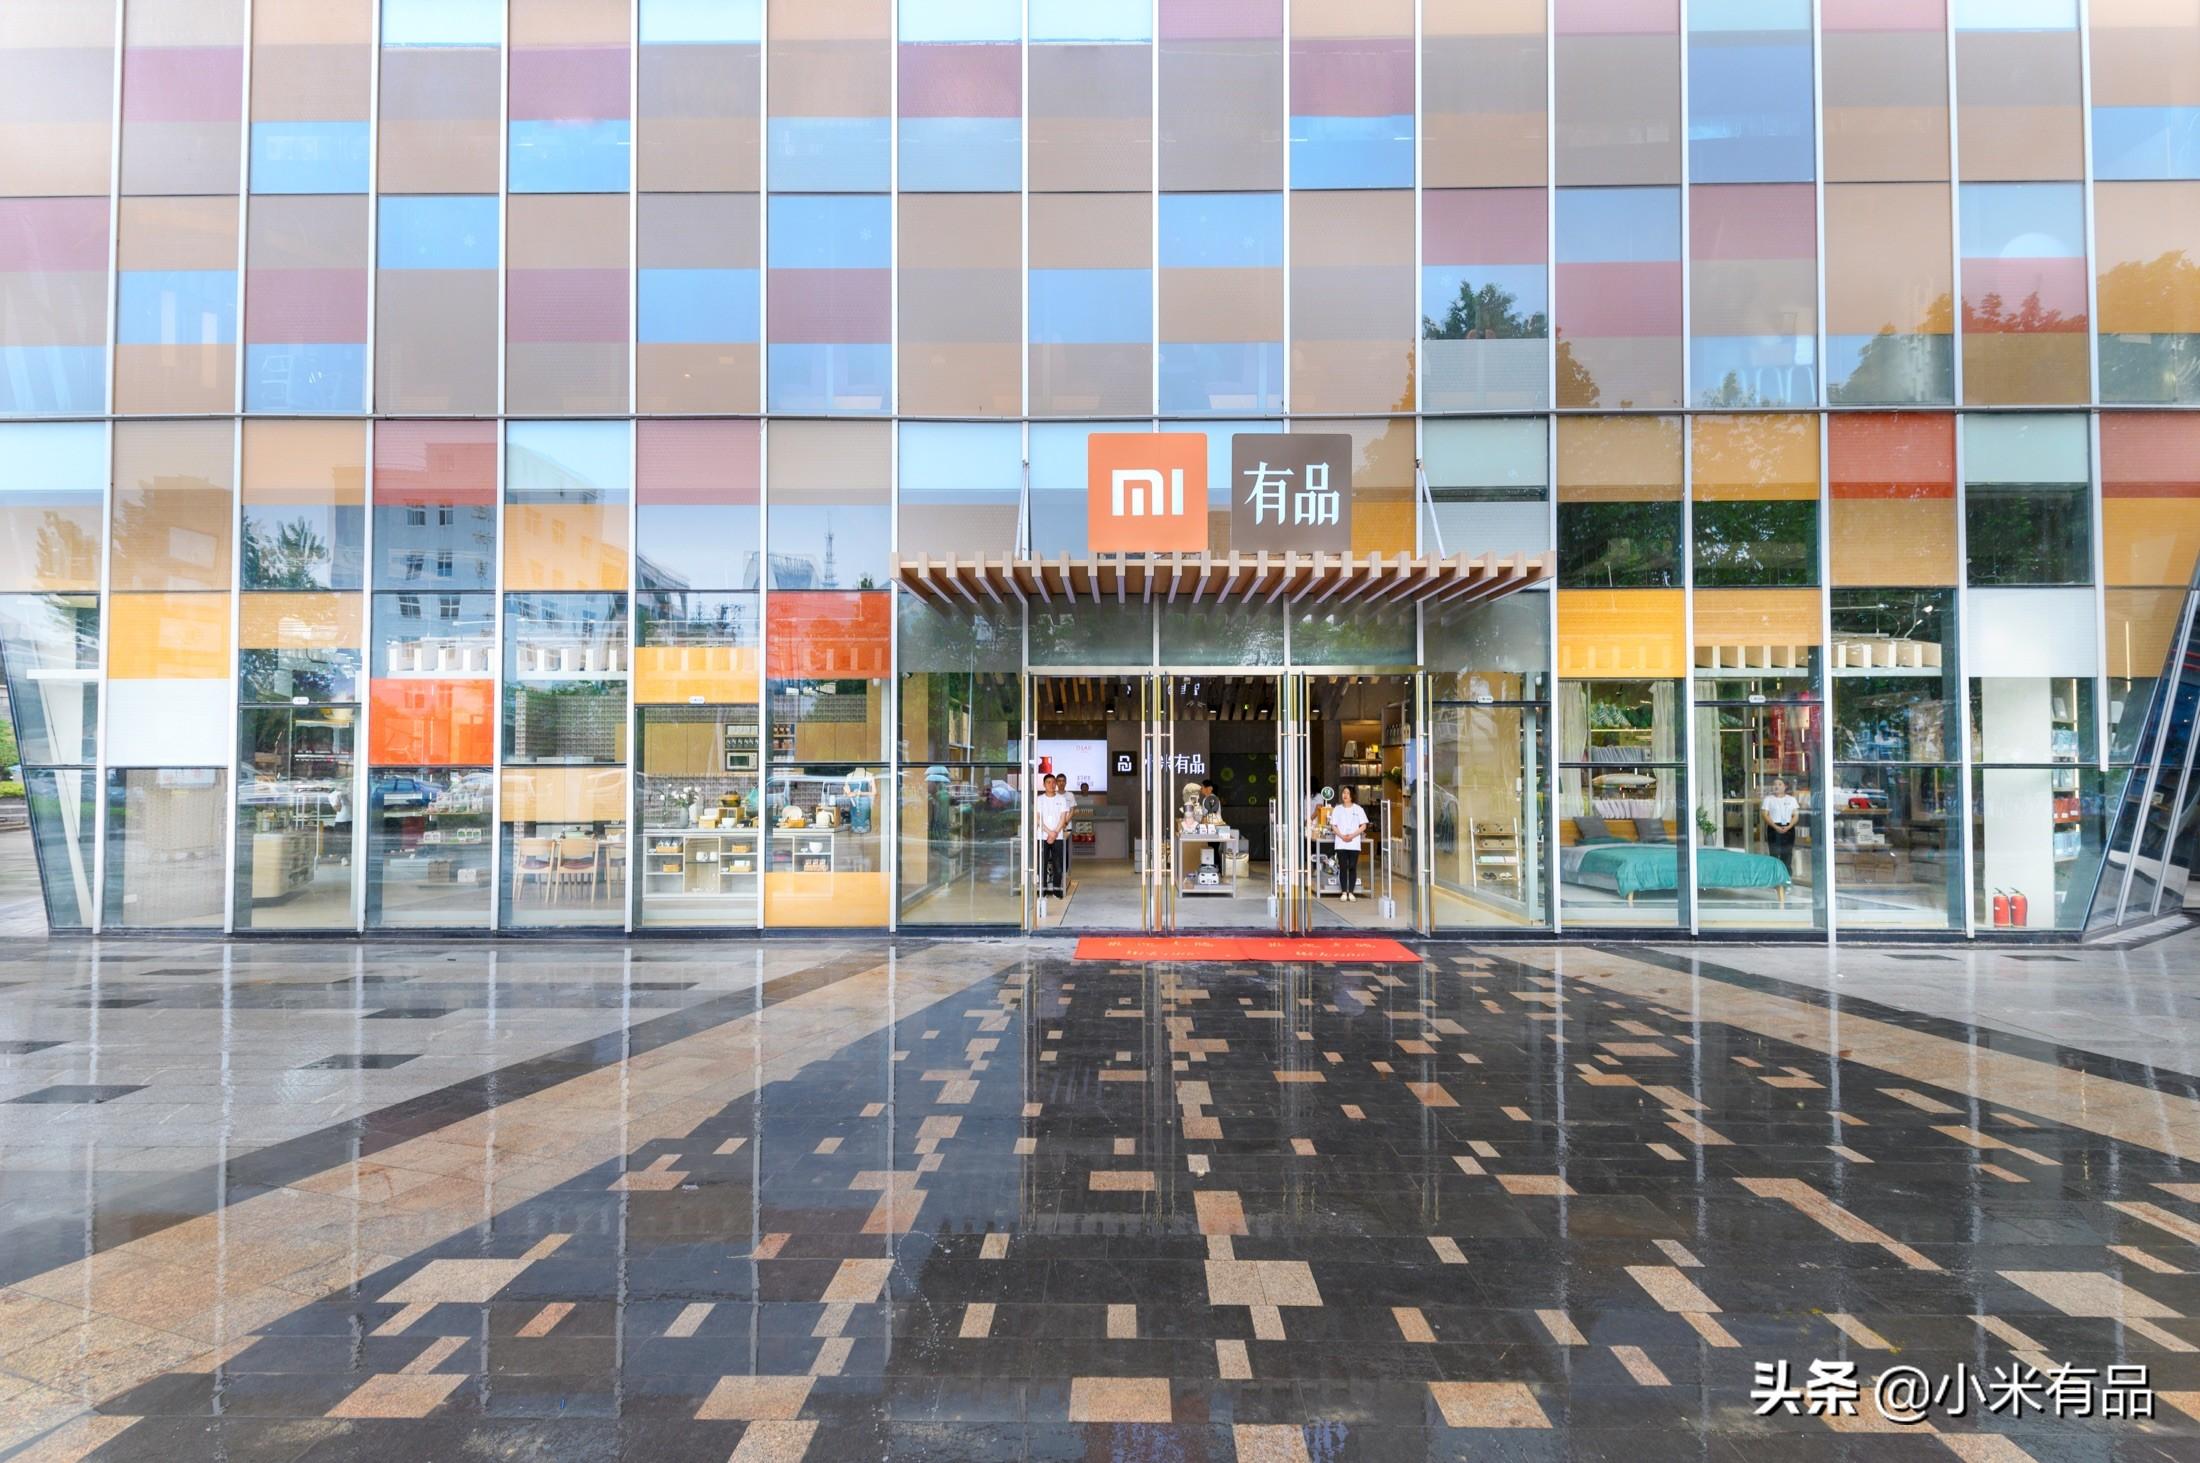 官方宣布!米家有品全世界第一家商业服务官方旗舰店在合肥市开张,你要想的它都是有